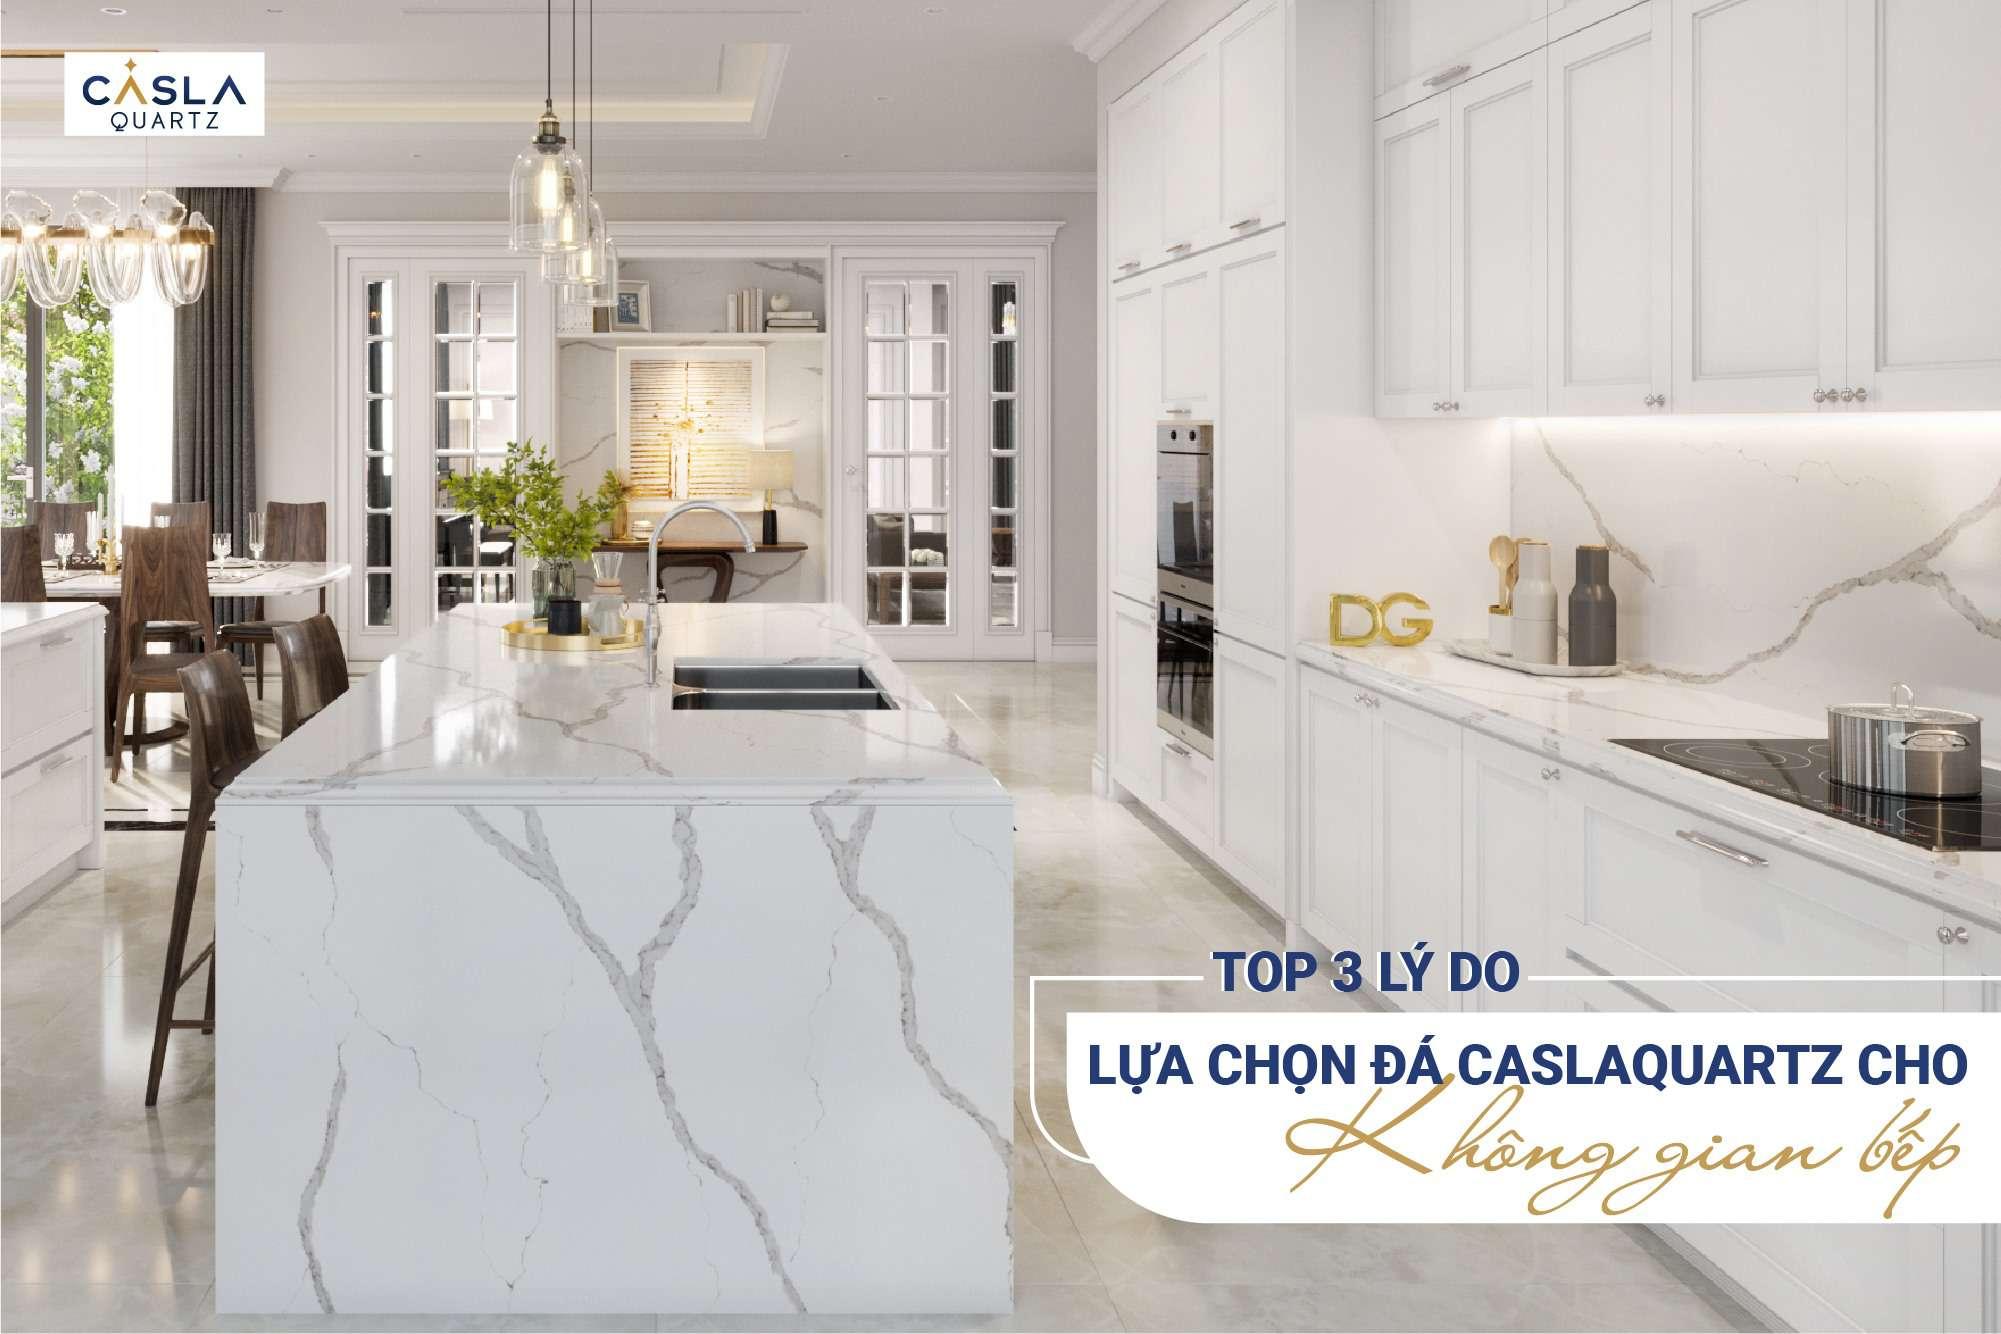 Top 3 lý do lựa chọn đá Caslaquartz cho không gian bếp